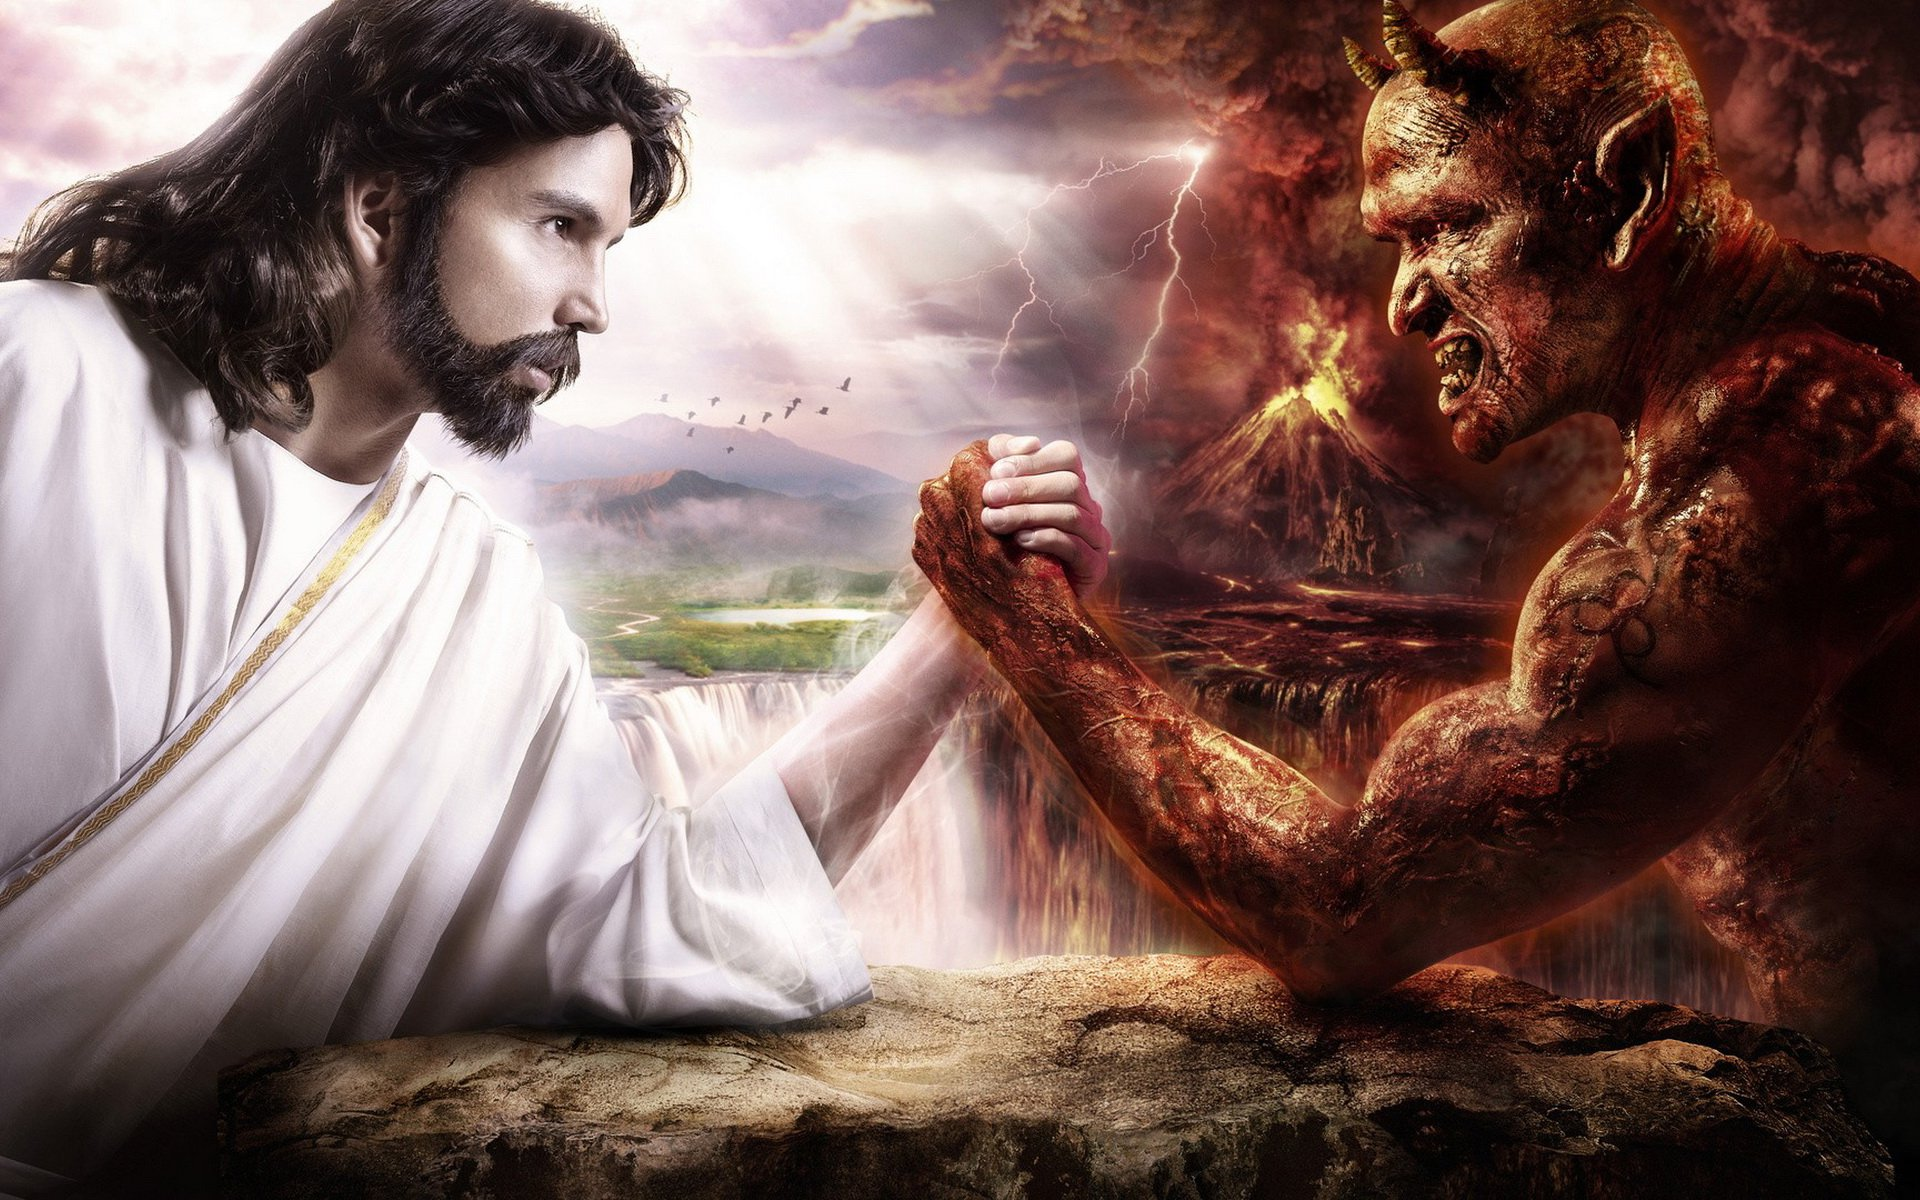 фотографии на тему бога совершенно уникальный